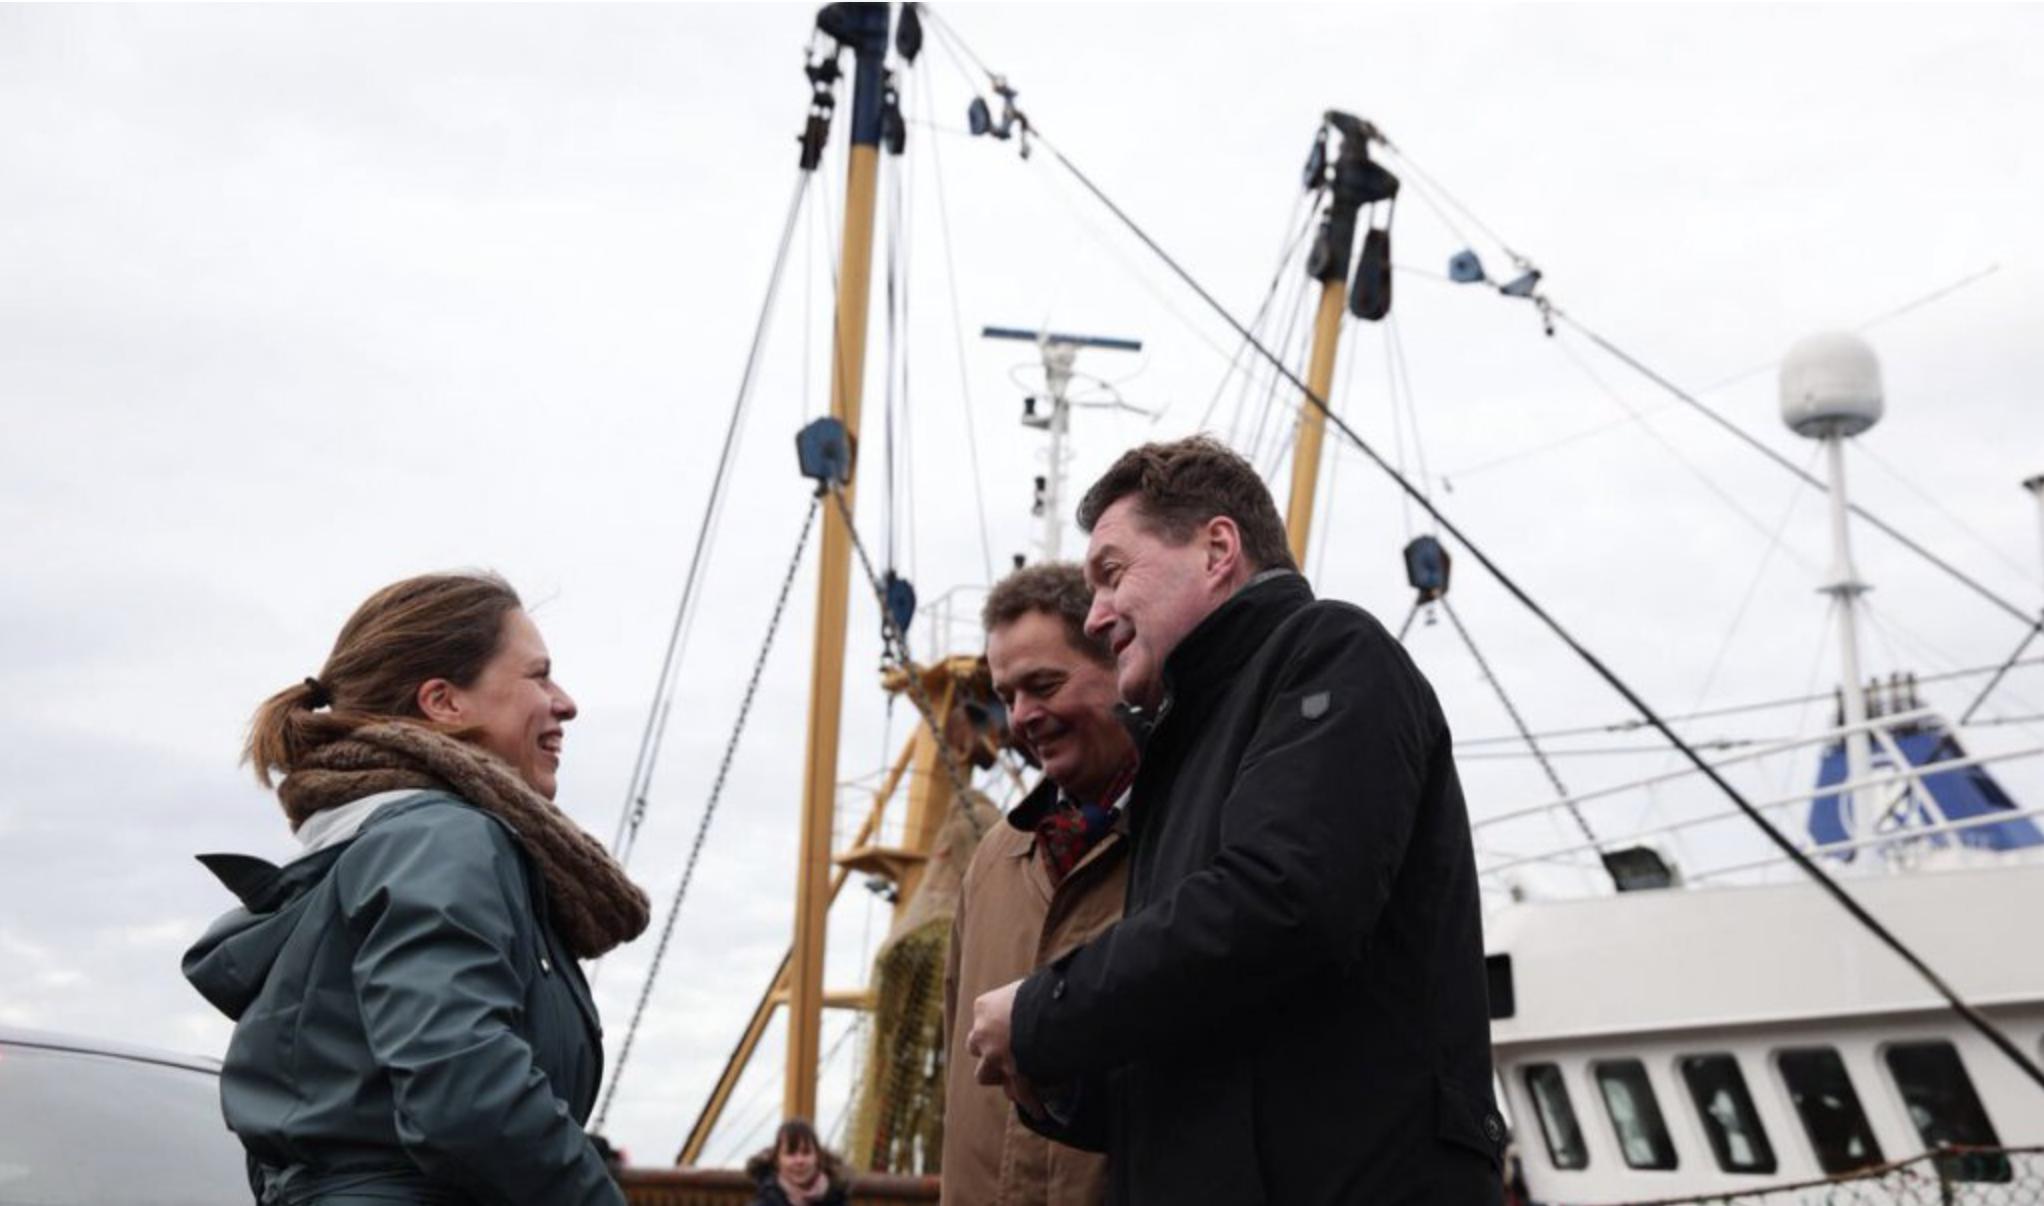 Ook voor 'de betrokken vissers' is het een tegenslag, zegt Carola Schouten